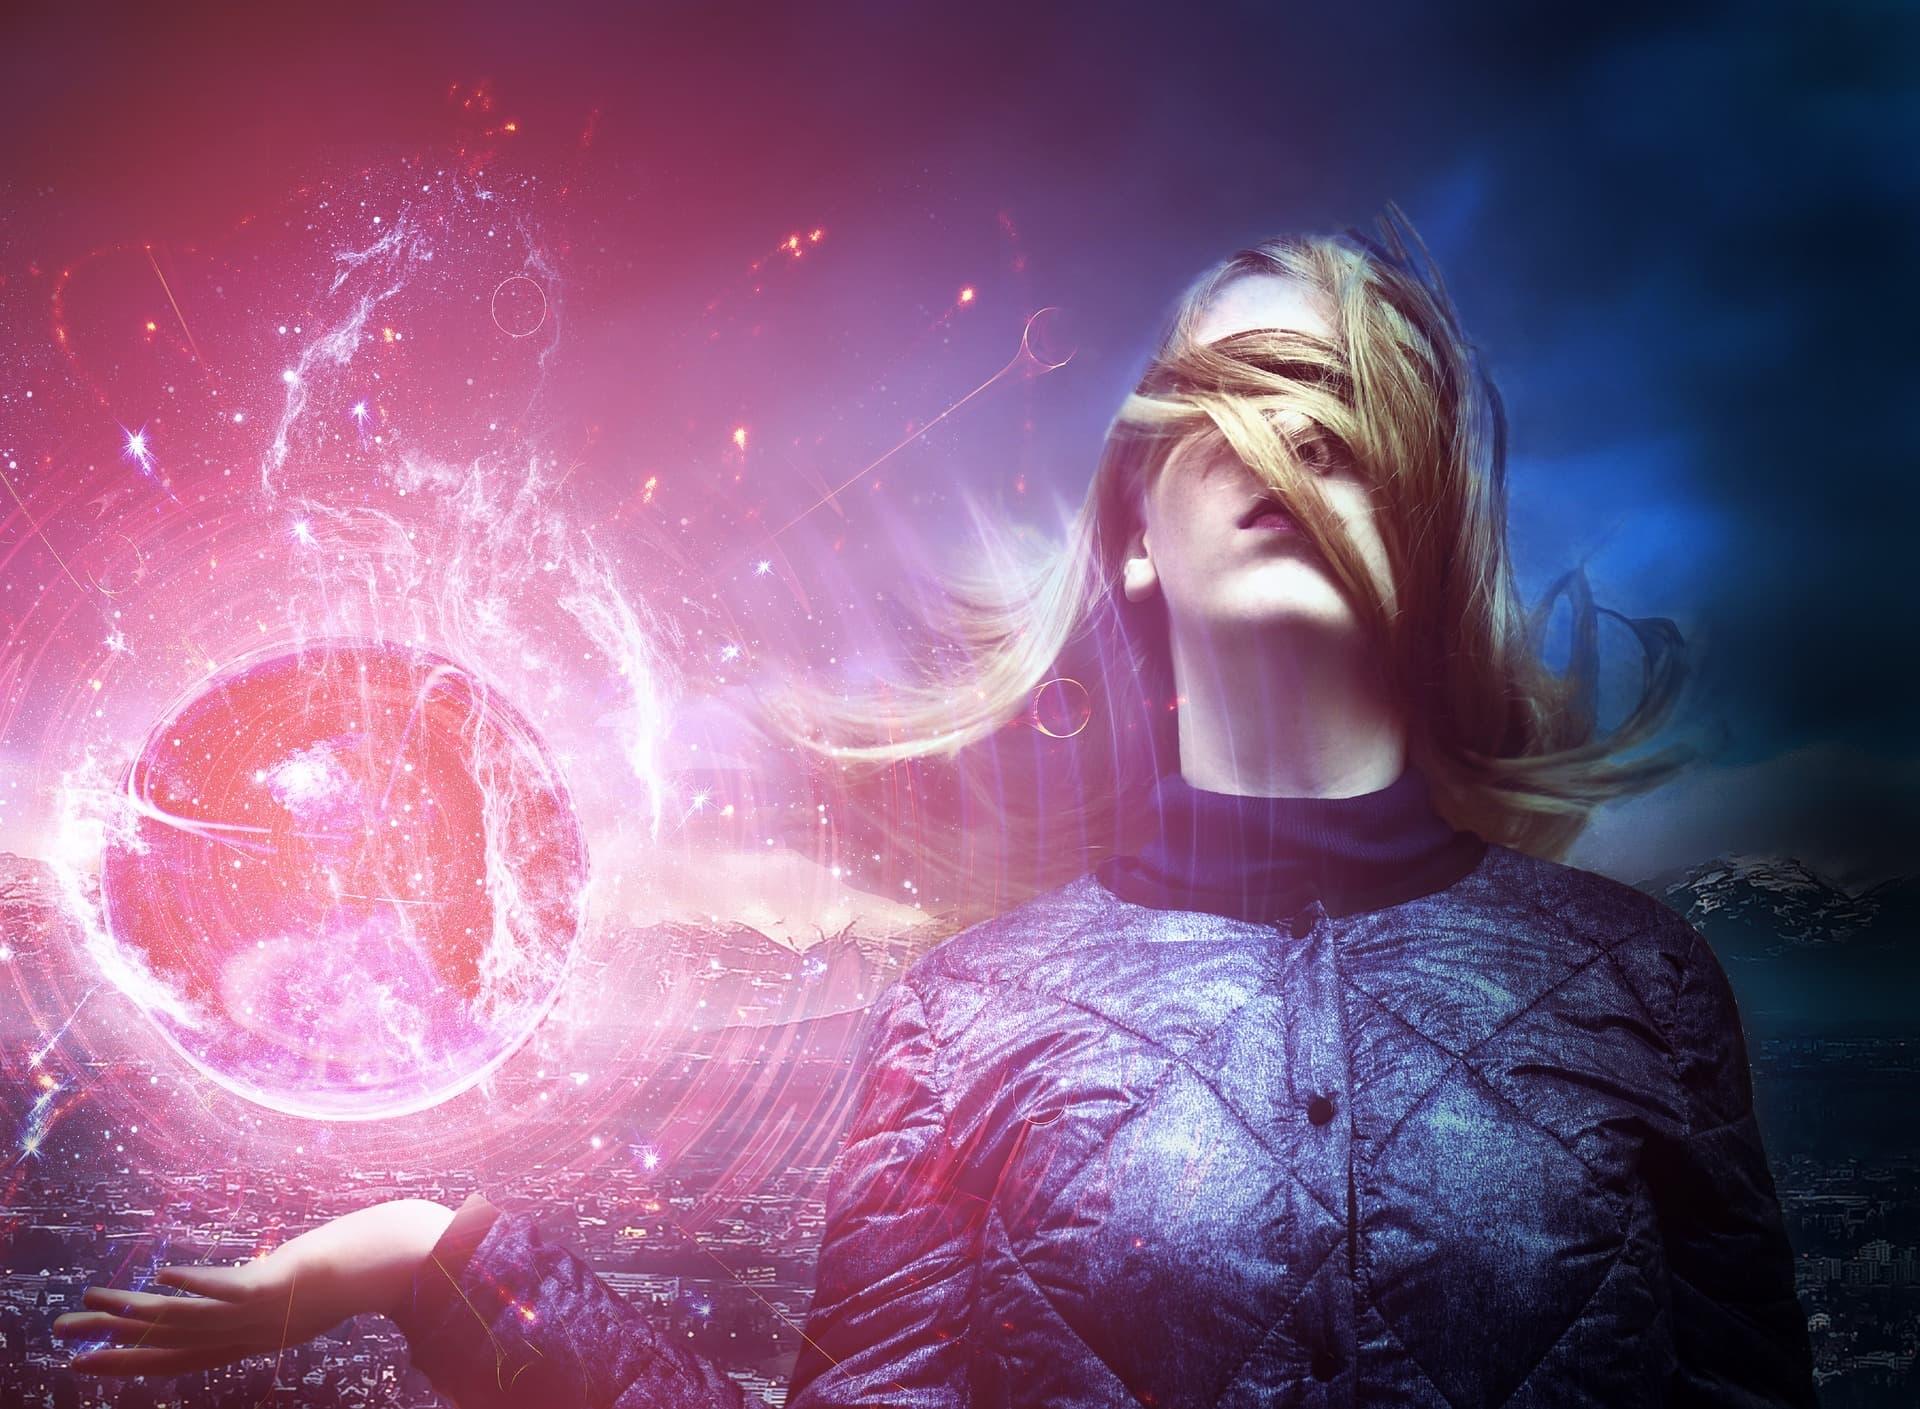 Коронавирус и новый мировой лидер: прогнозы астрологов на 2021 год